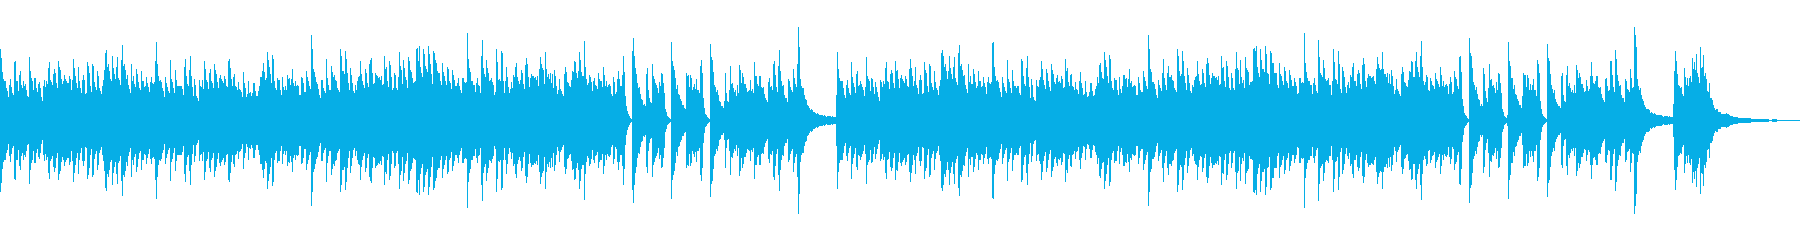 静かな夜のイメージな和風のピアノBGMの再生済みの波形